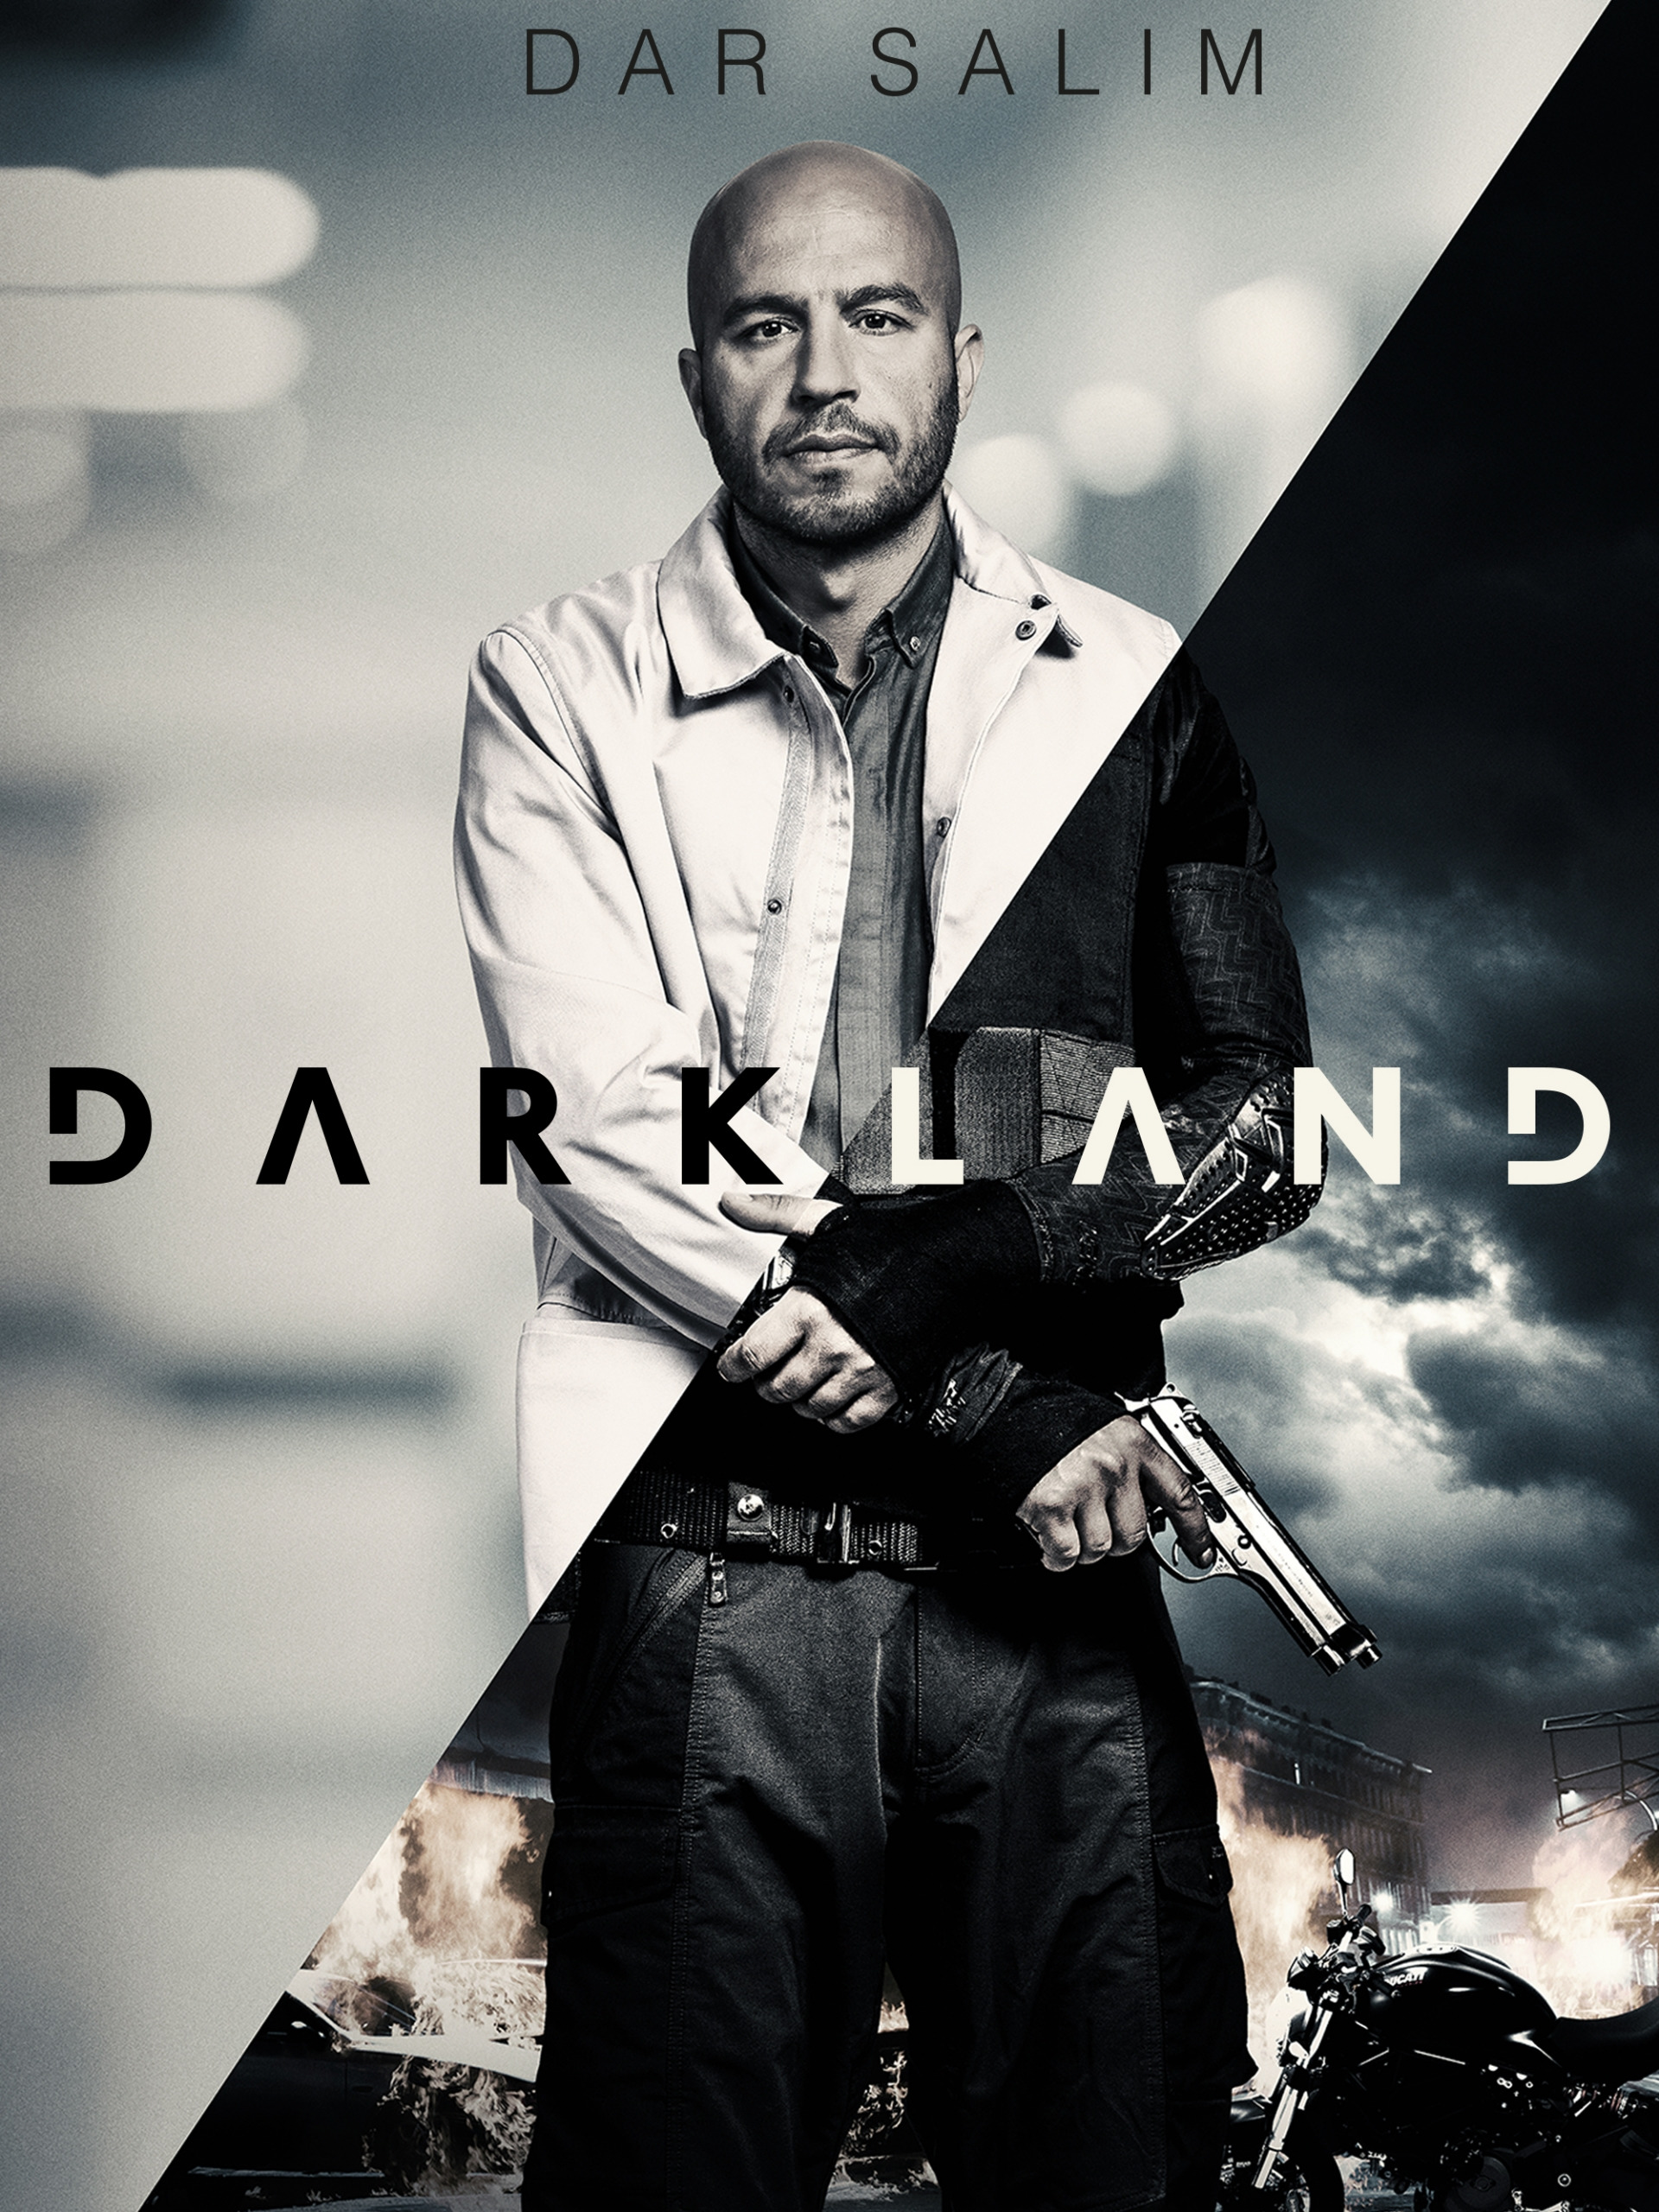 Darkland